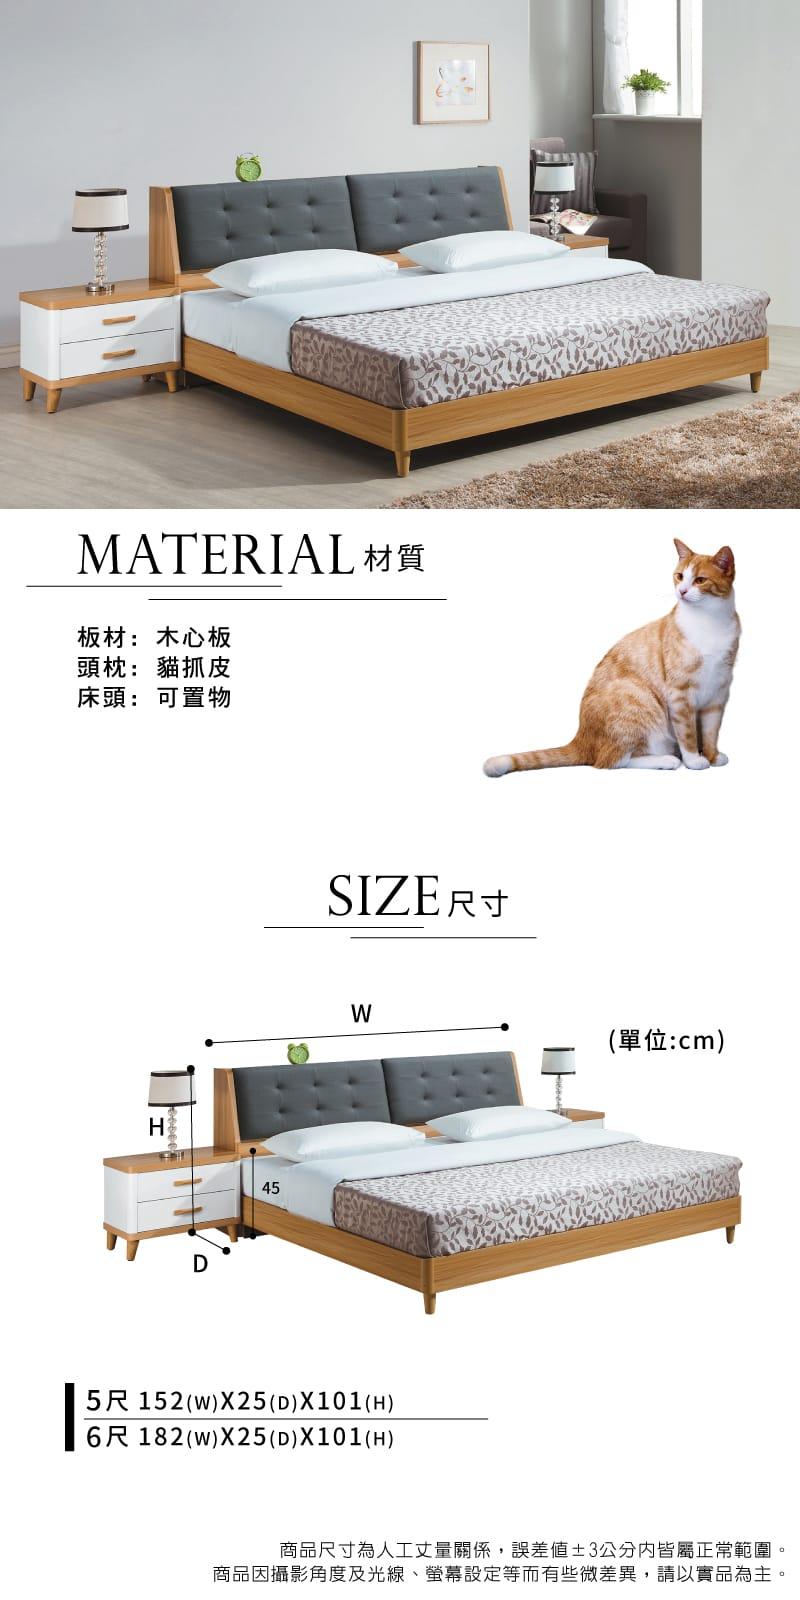 貓抓皮收納床頭箱 雙人5尺【寶格麗】